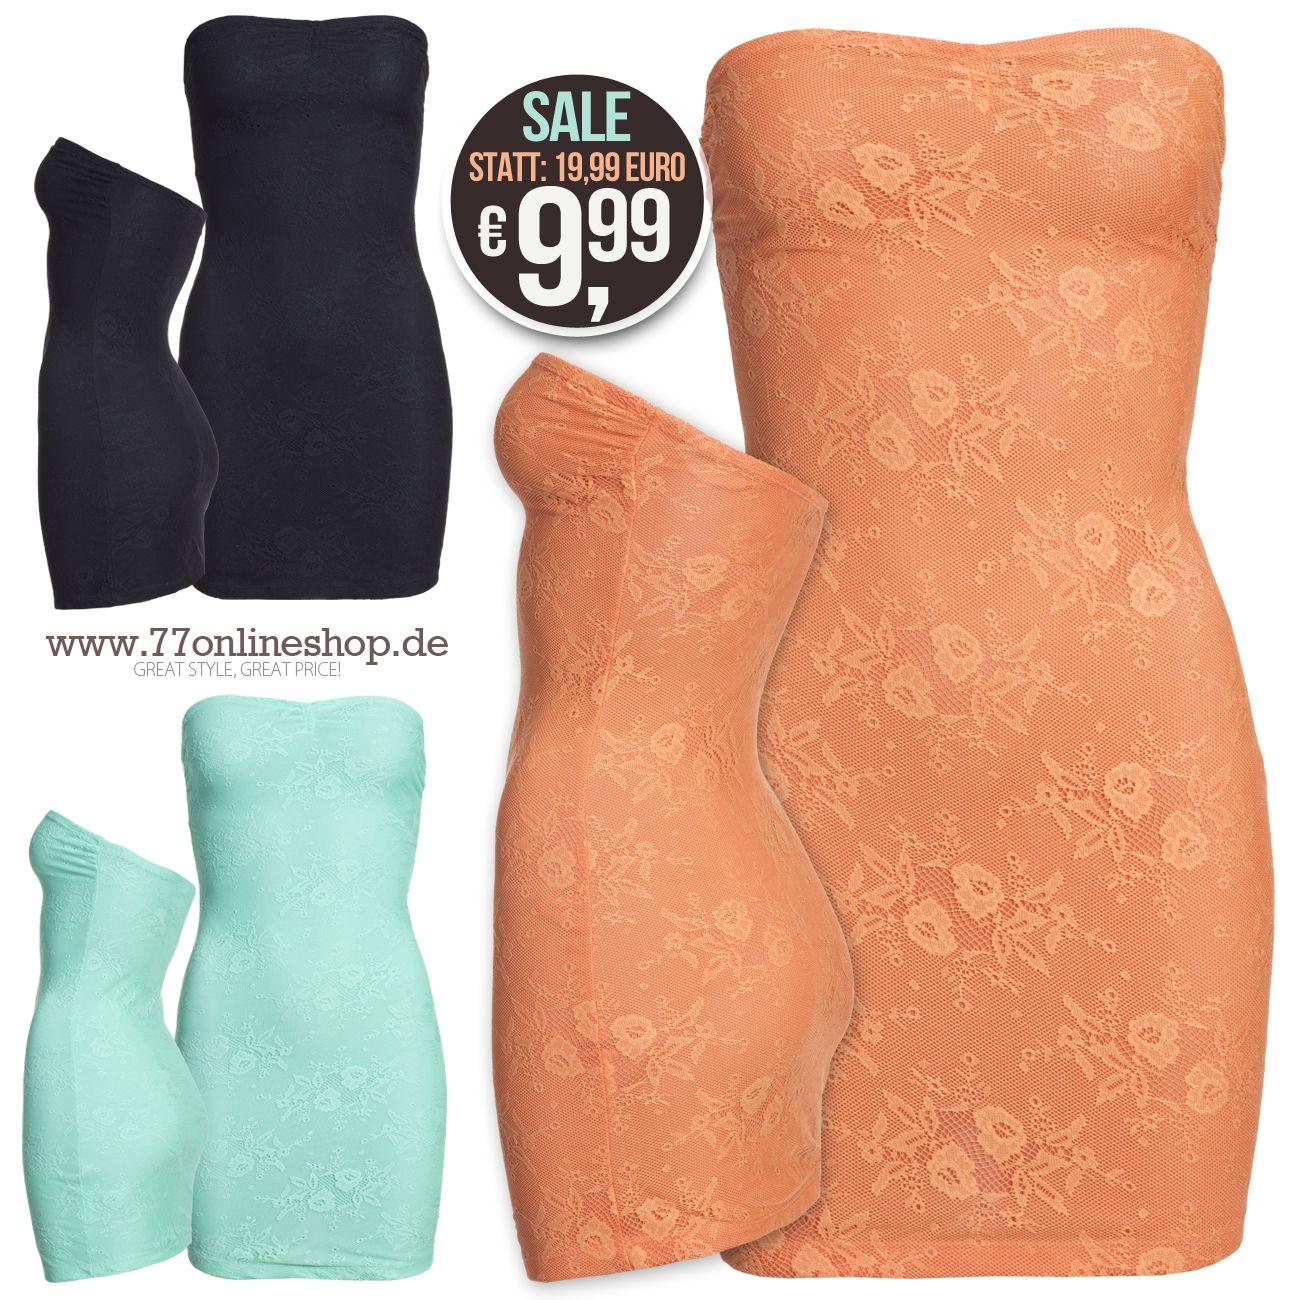 SALE: BANDEAU MINI KLEID MIT SPITZE! #sale #bandeau #minikleid #dress #lace #spitze